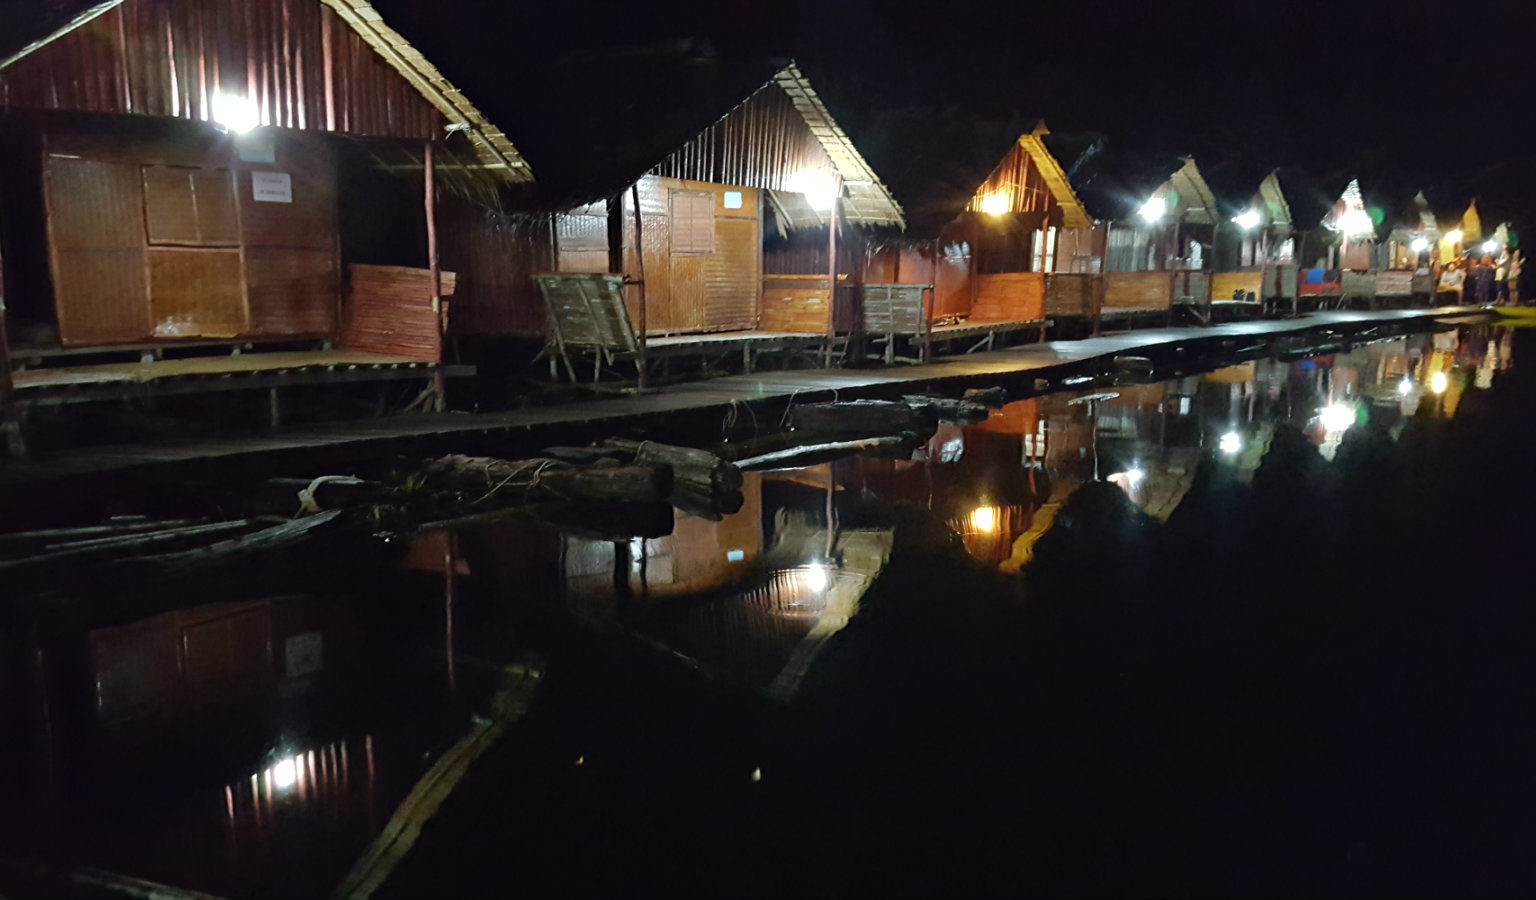 Night on Cheow Lan Lake, Khao Sok